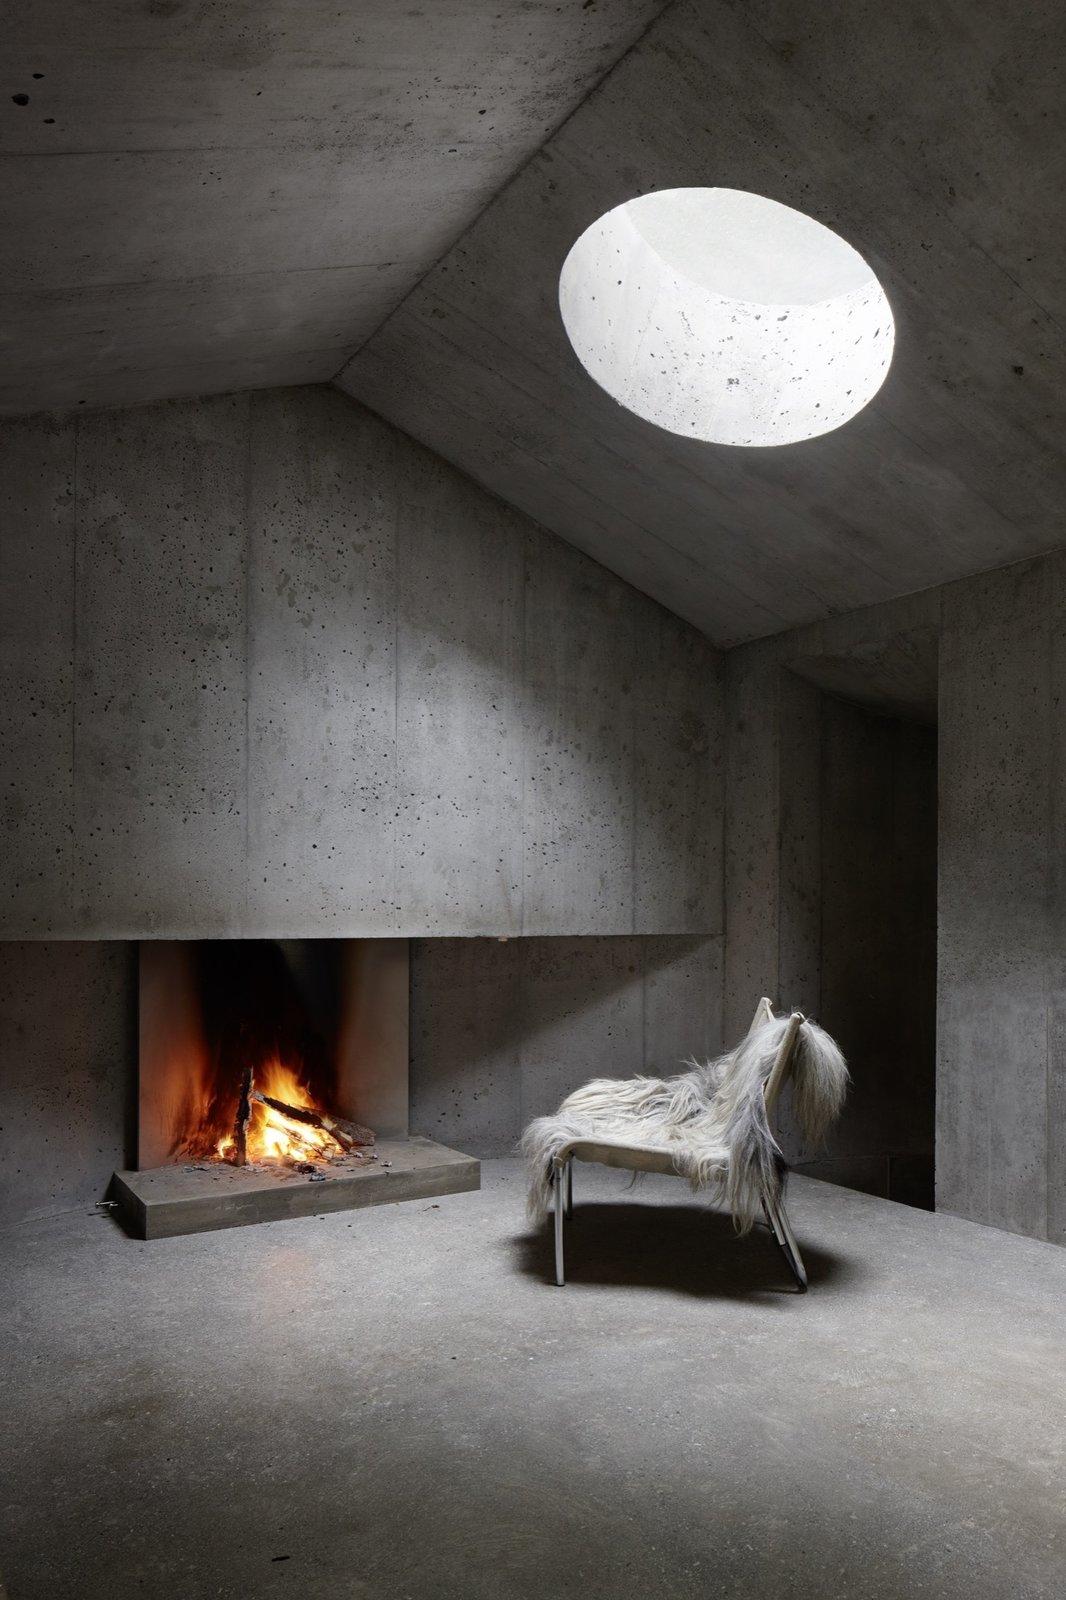 #alpinemodern #design #lifestyle #modern #elevatedliving #quiestdesign #refugeinconcrete #concrete   Photo courtesy of Ralph Feiner  Refuge in Concrete by Alpine Modern